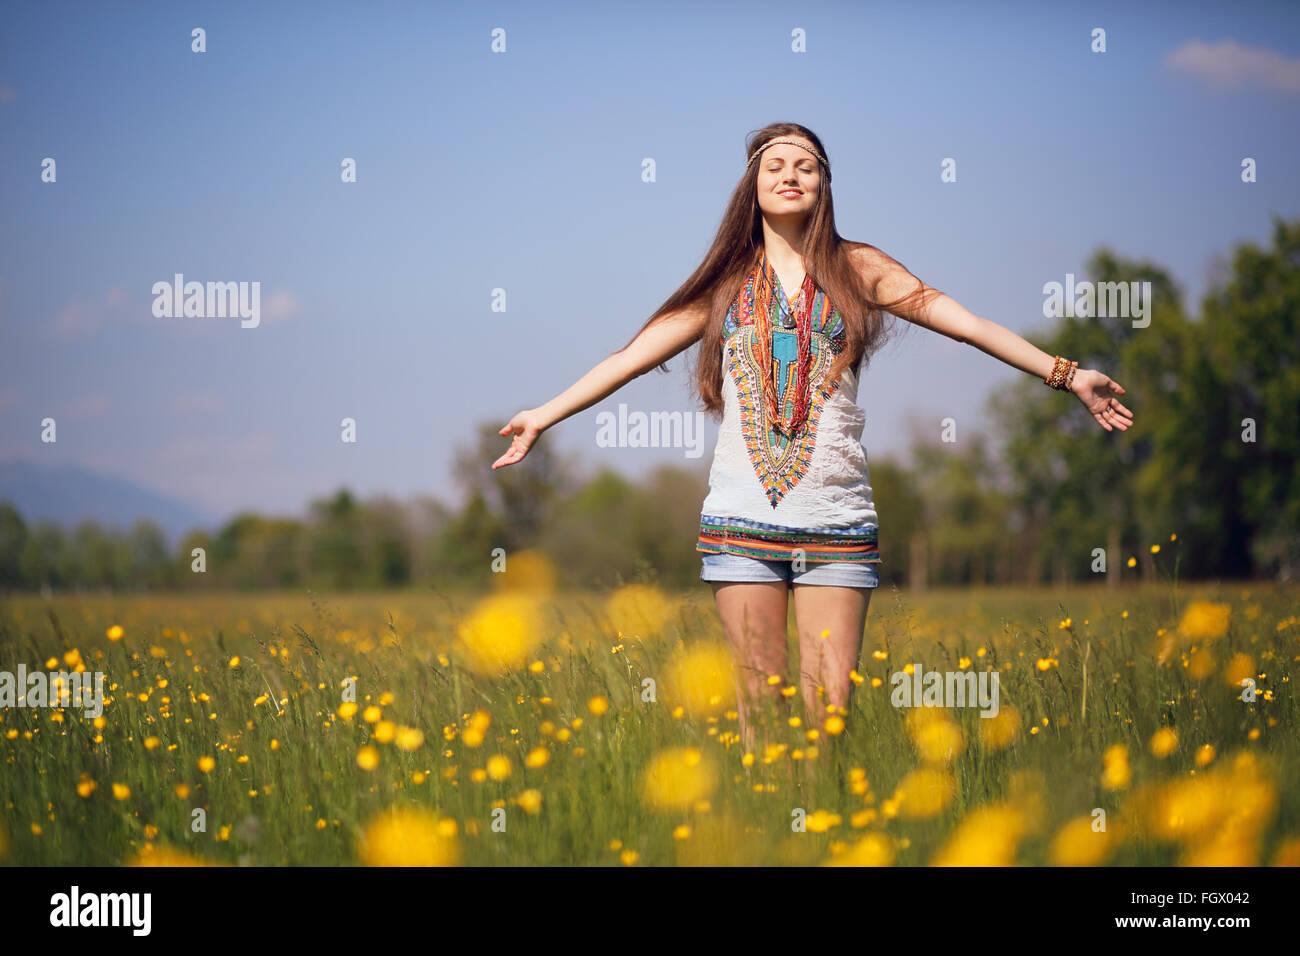 Libre y sonriente hippie en verano en el prado. Vintage efecto fotográfico. Imagen De Stock